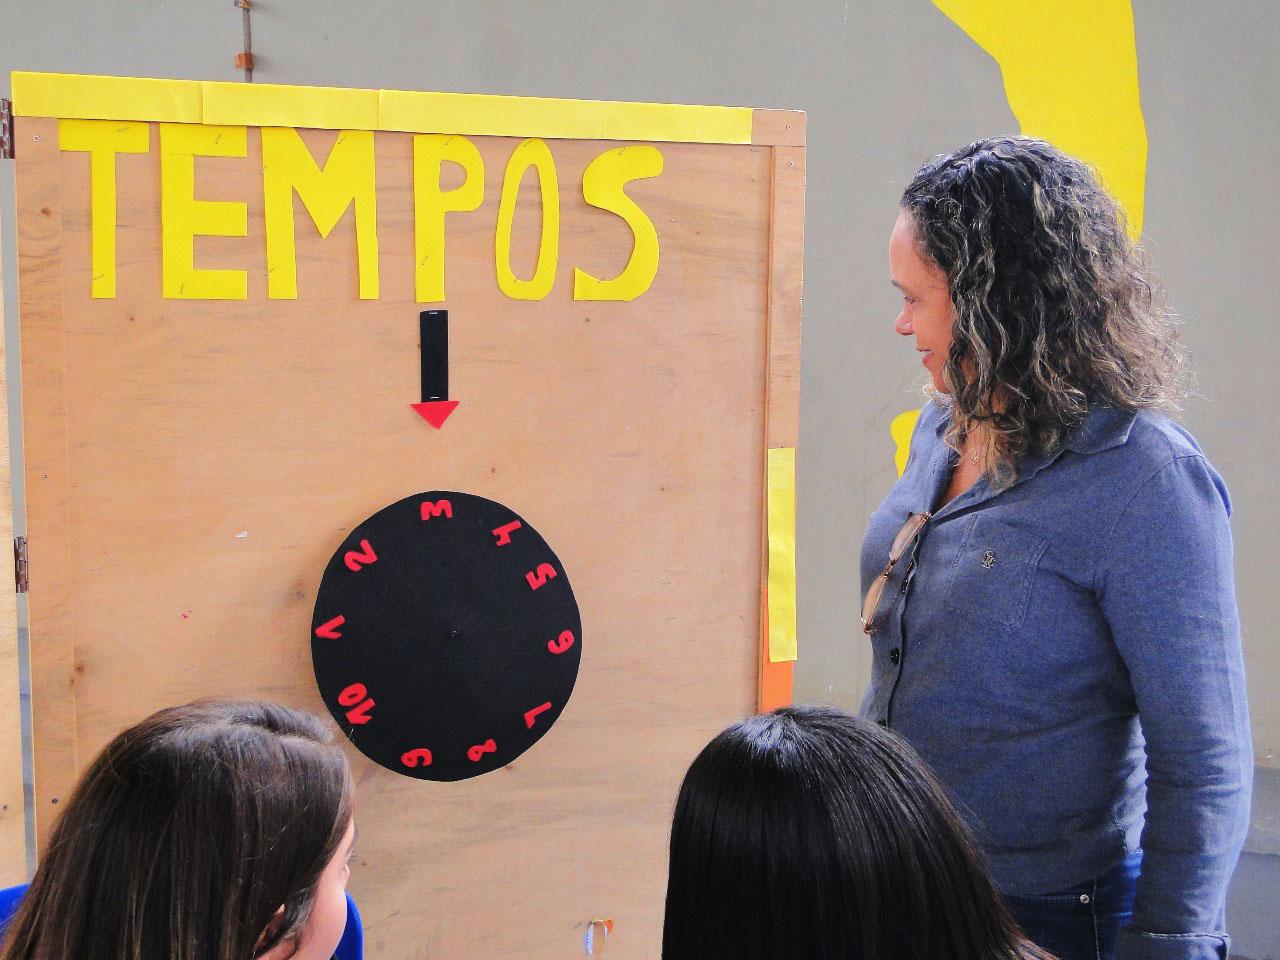 """Mulher de pé em frente a um quadro de madeira. No quadro, está colada a palavra """"tempos"""" em amarelo e há uma seta preta com a ponta vermelha apontando para baixo, onde está um relógio preto redondo com os números de 1 a 10 em vermelho deitados. Duas alunas sentadas e de costas olham o relógio. Fim da descrição."""